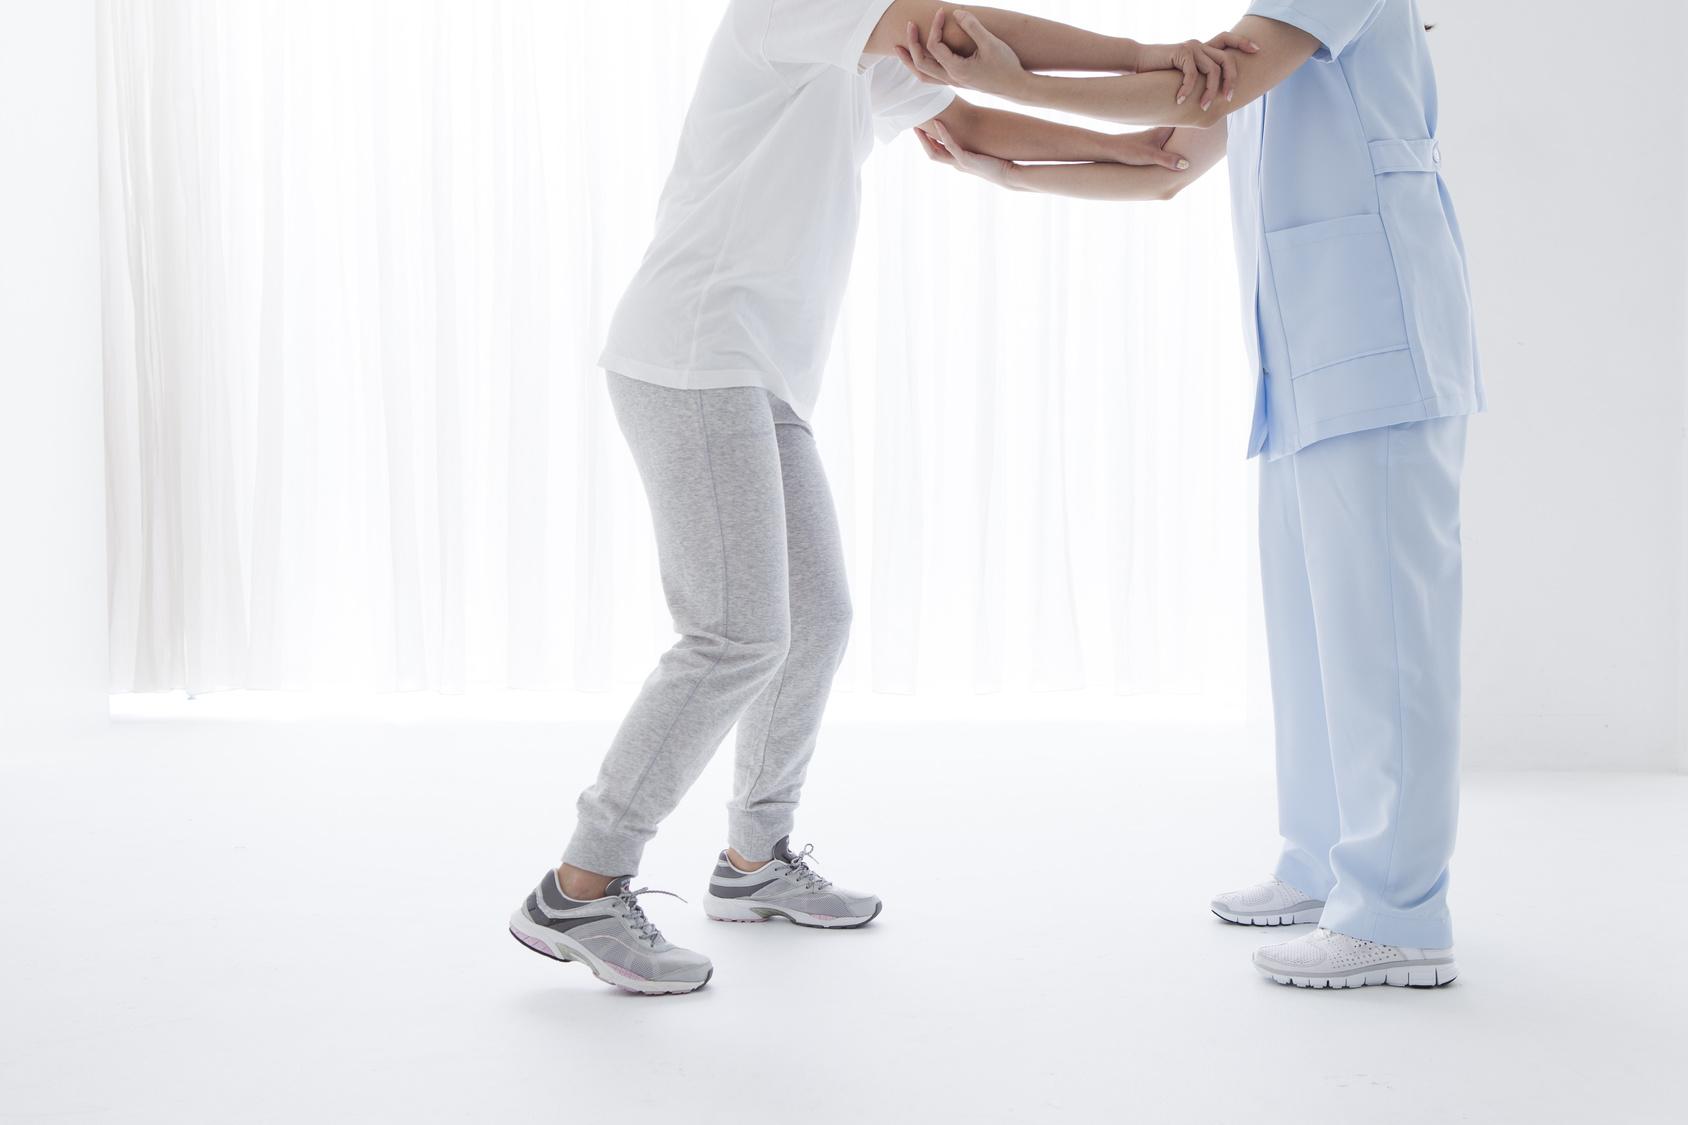 重症筋無力症は免疫療法、対処療法、手術療法を組み合わせて治療します